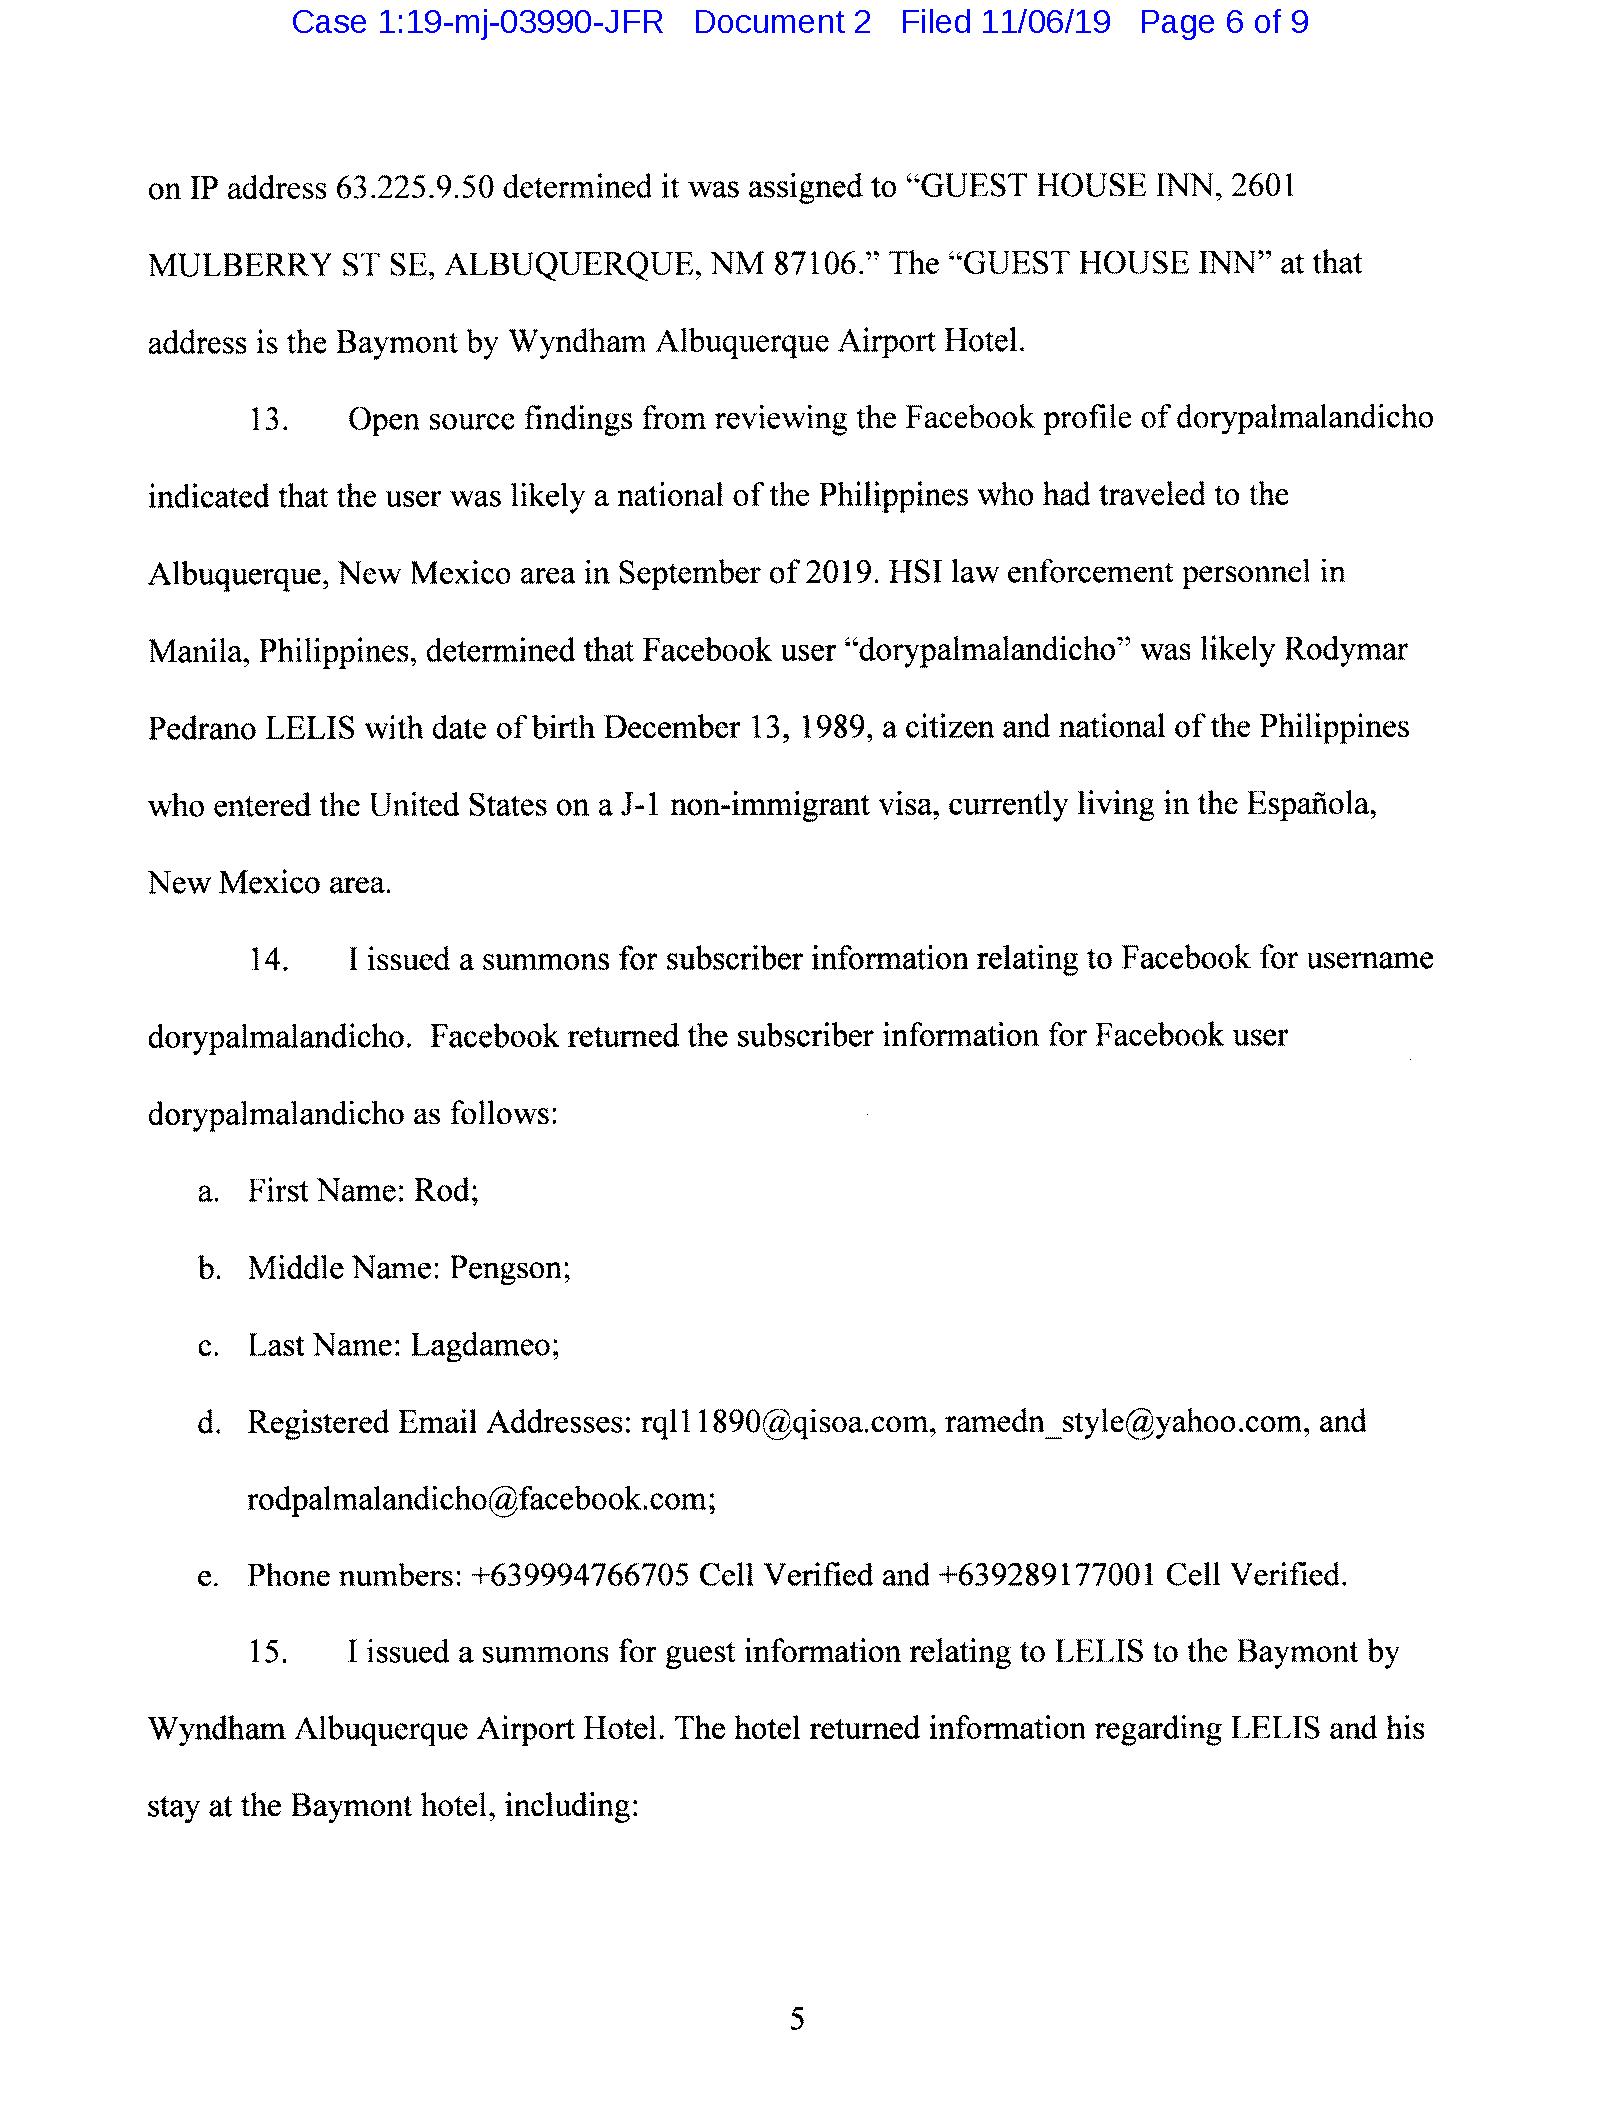 Copy of Complaint6.png